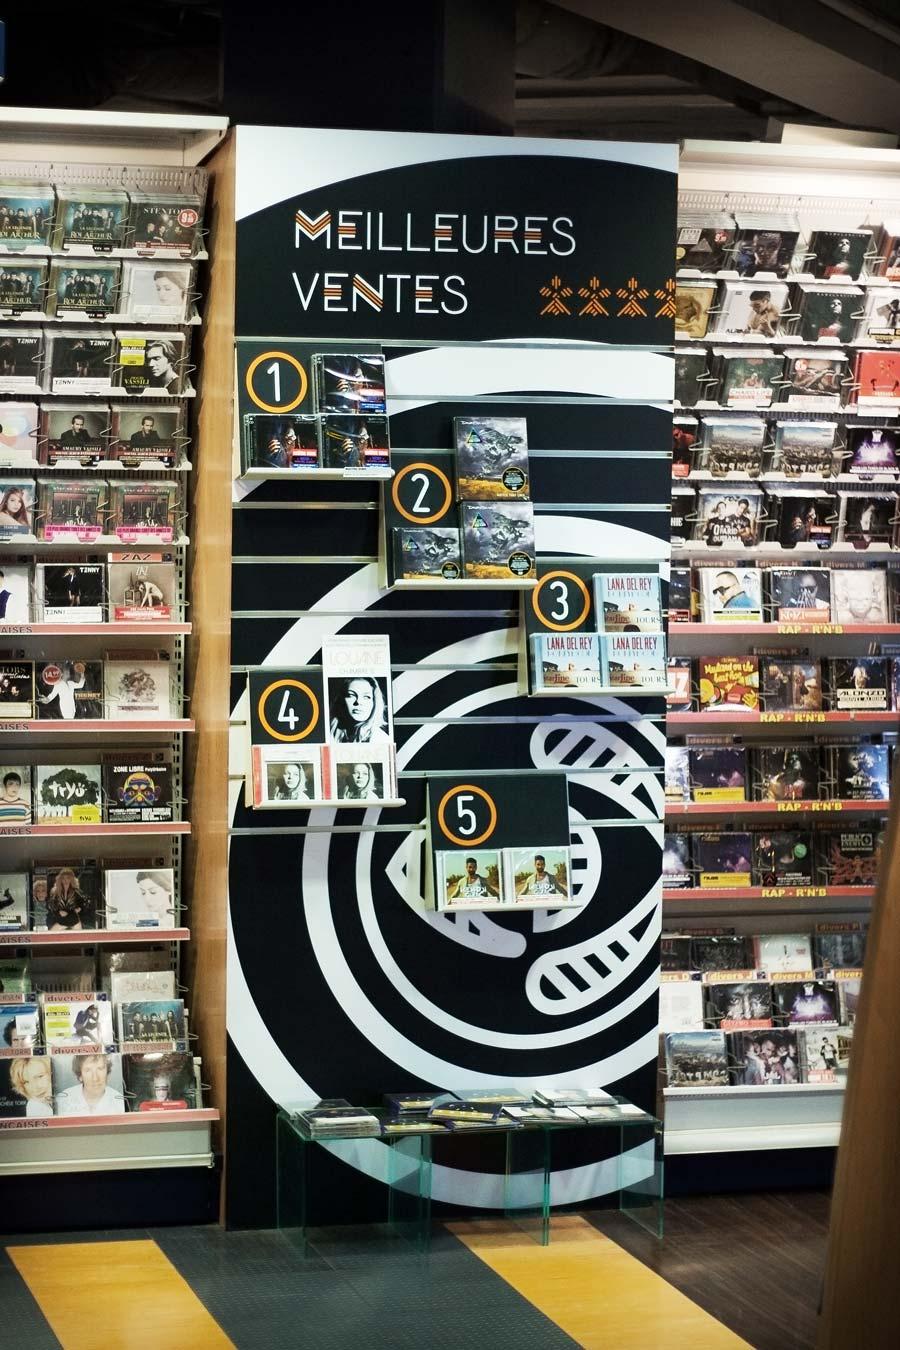 meilleur-ventes-CD